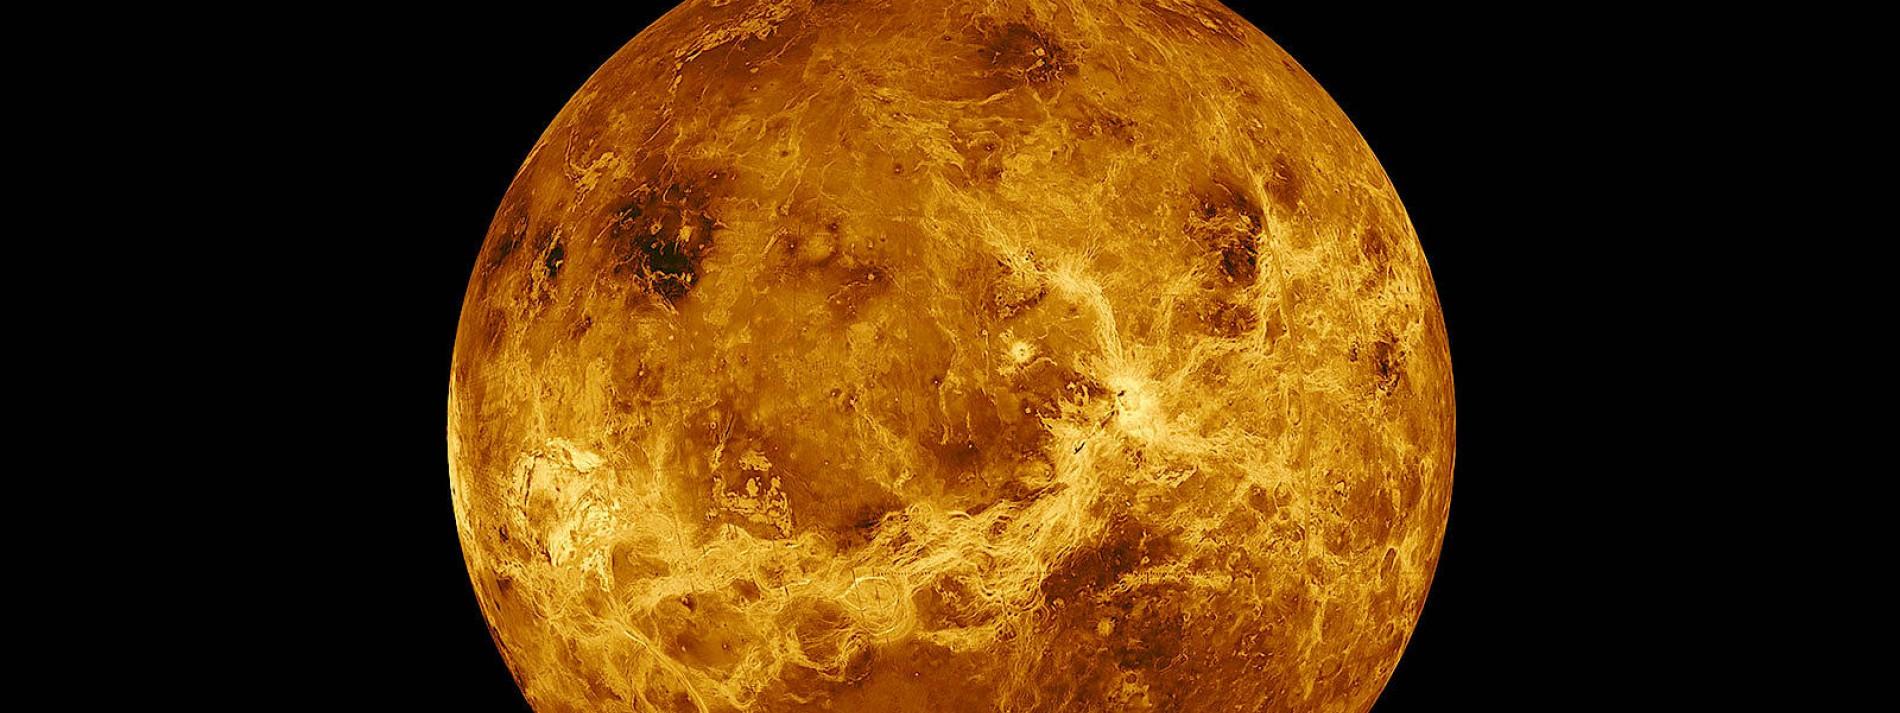 Mögliches Leben auf der Venus versetzt Forscher in Aufregung